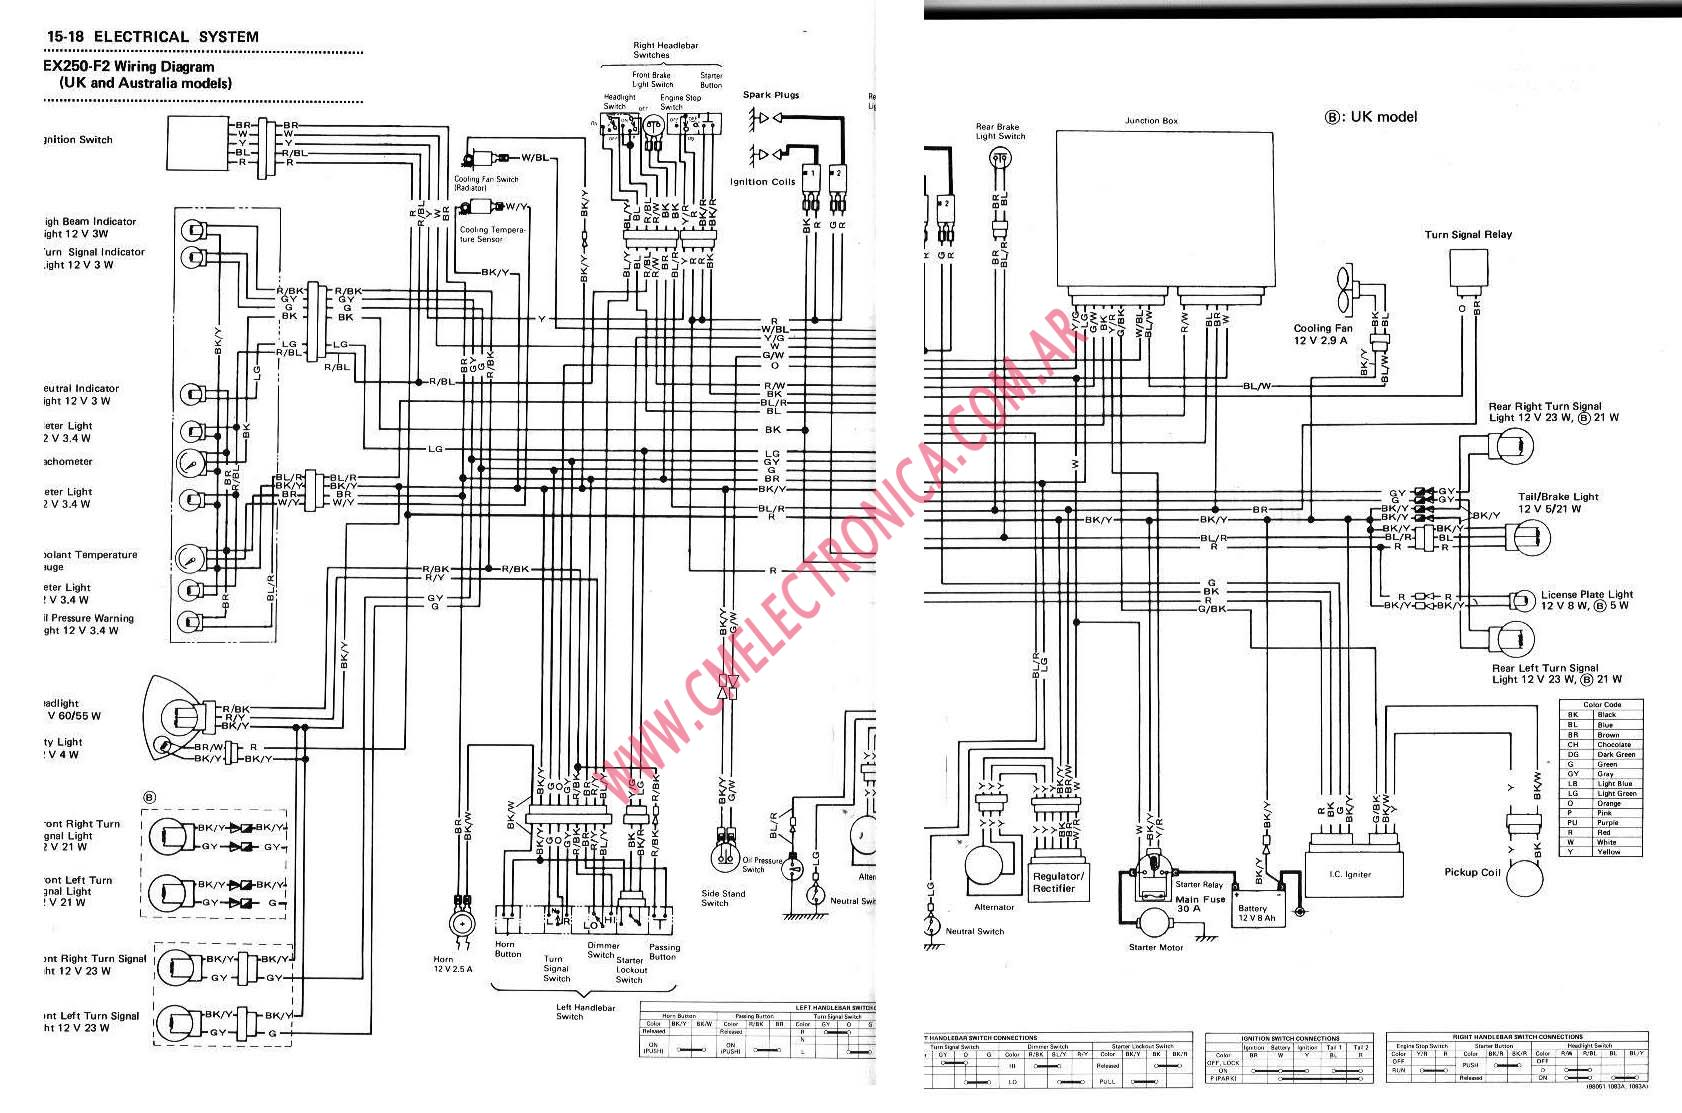 Excellent 2000 Kawasaki Lakota 300 Wiring Diagrams Wiring Diagram Online Wiring Cloud Monangrecoveryedborg